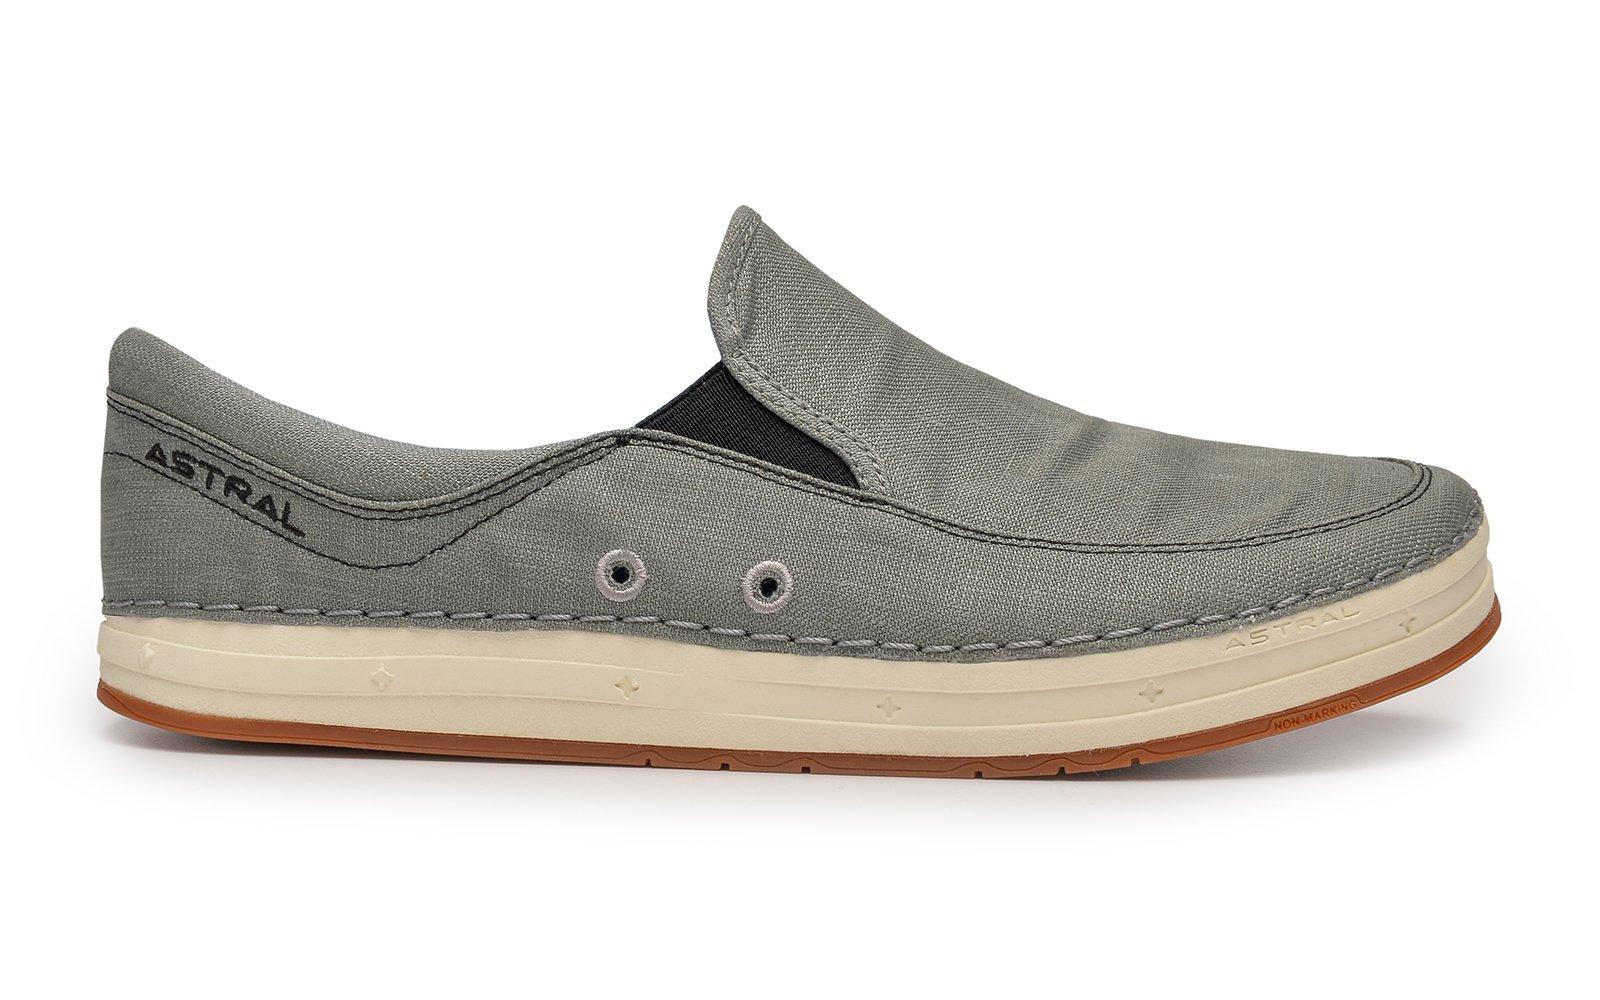 Astral Hemp Baker Unisex Shoes in Granite Gray